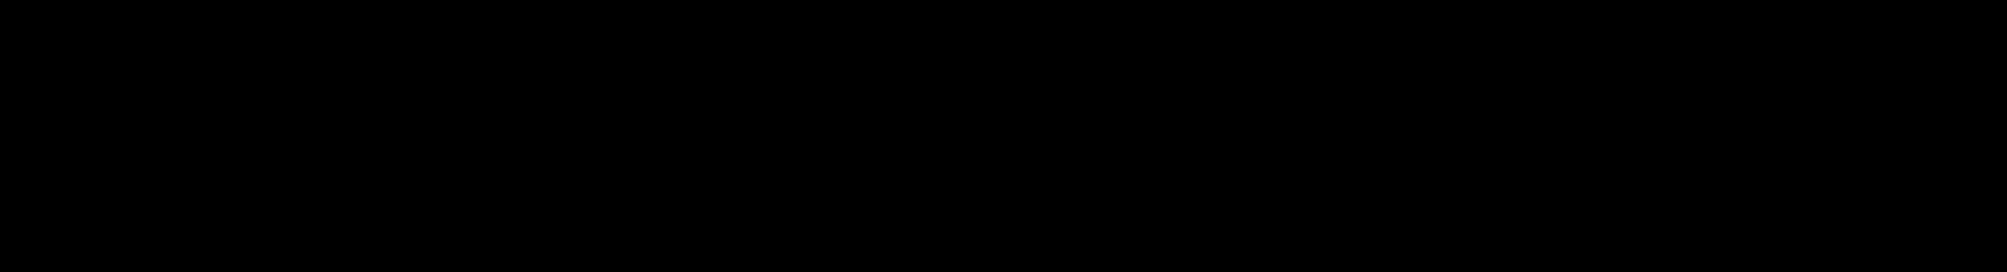 1-Azidohexaethylene Glycol